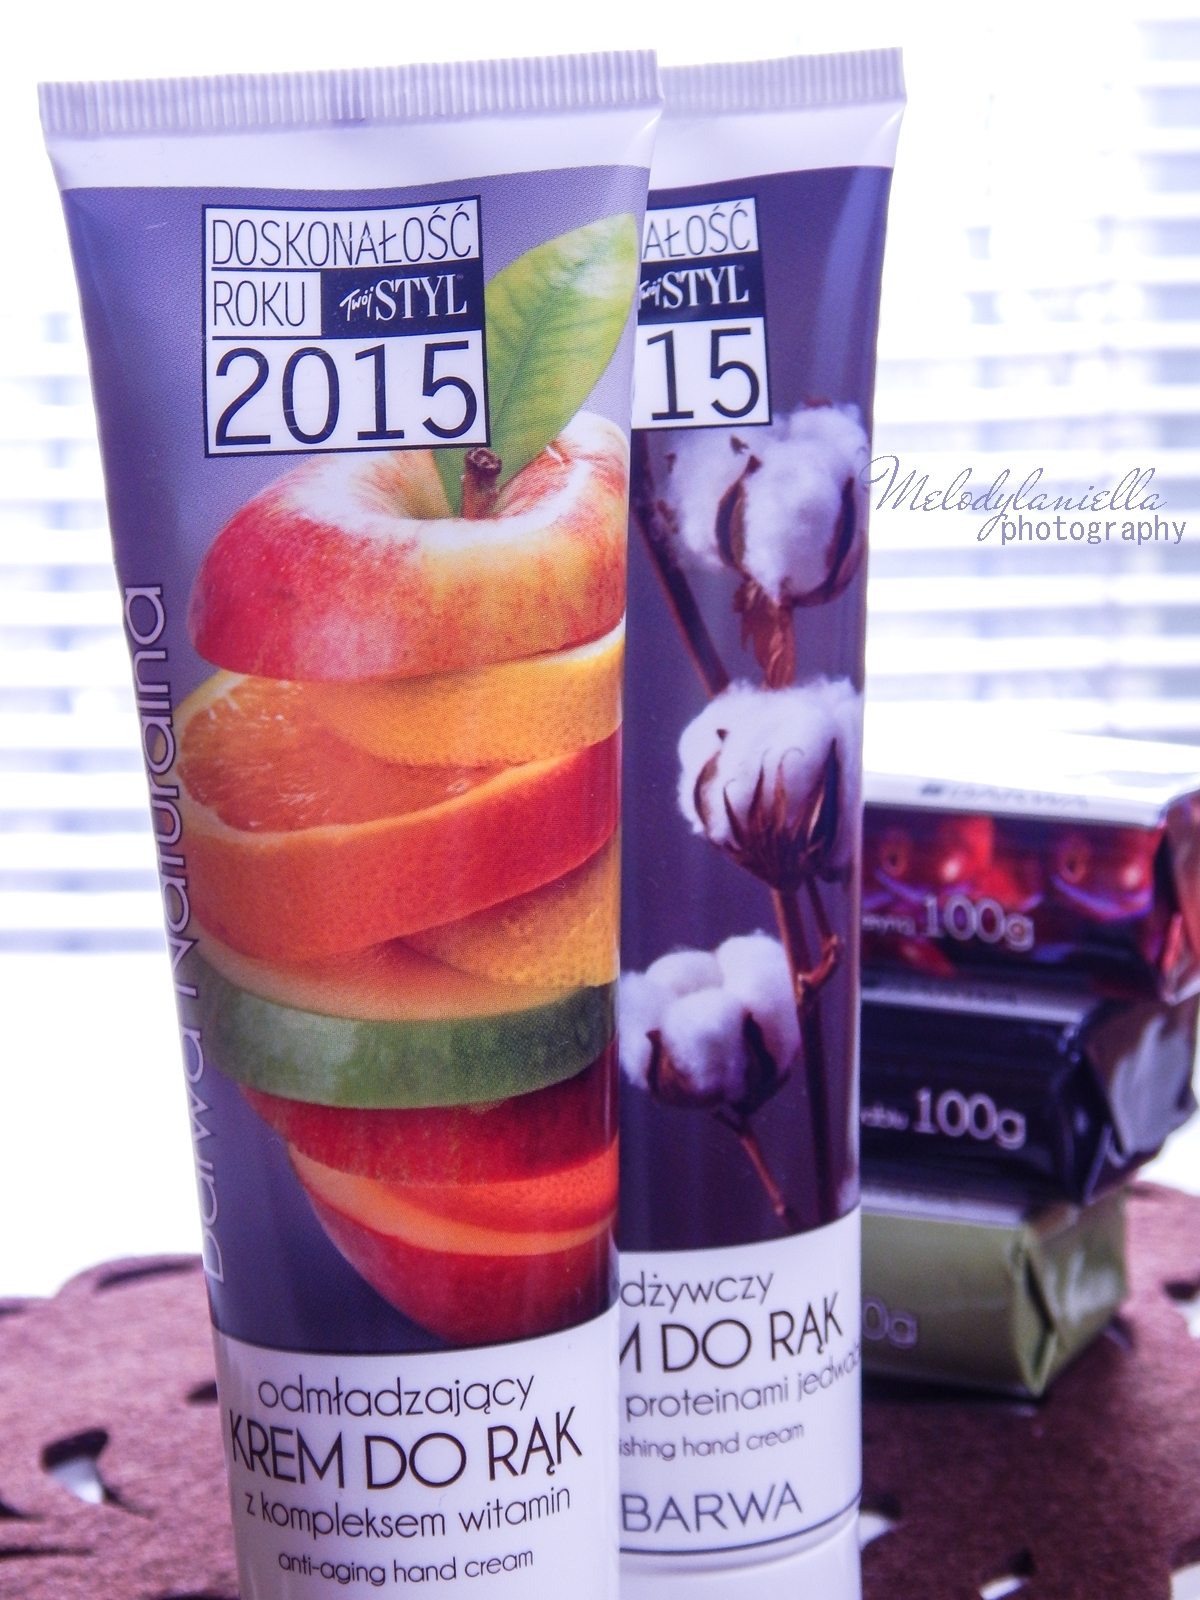 7 barwa naturalna kosmetyki mydła recenzja barwa mydło naturalne szampon naturalny mydło w płynie owoce natura hipoalergiczne kremy do rąk delikatny krem do rąk